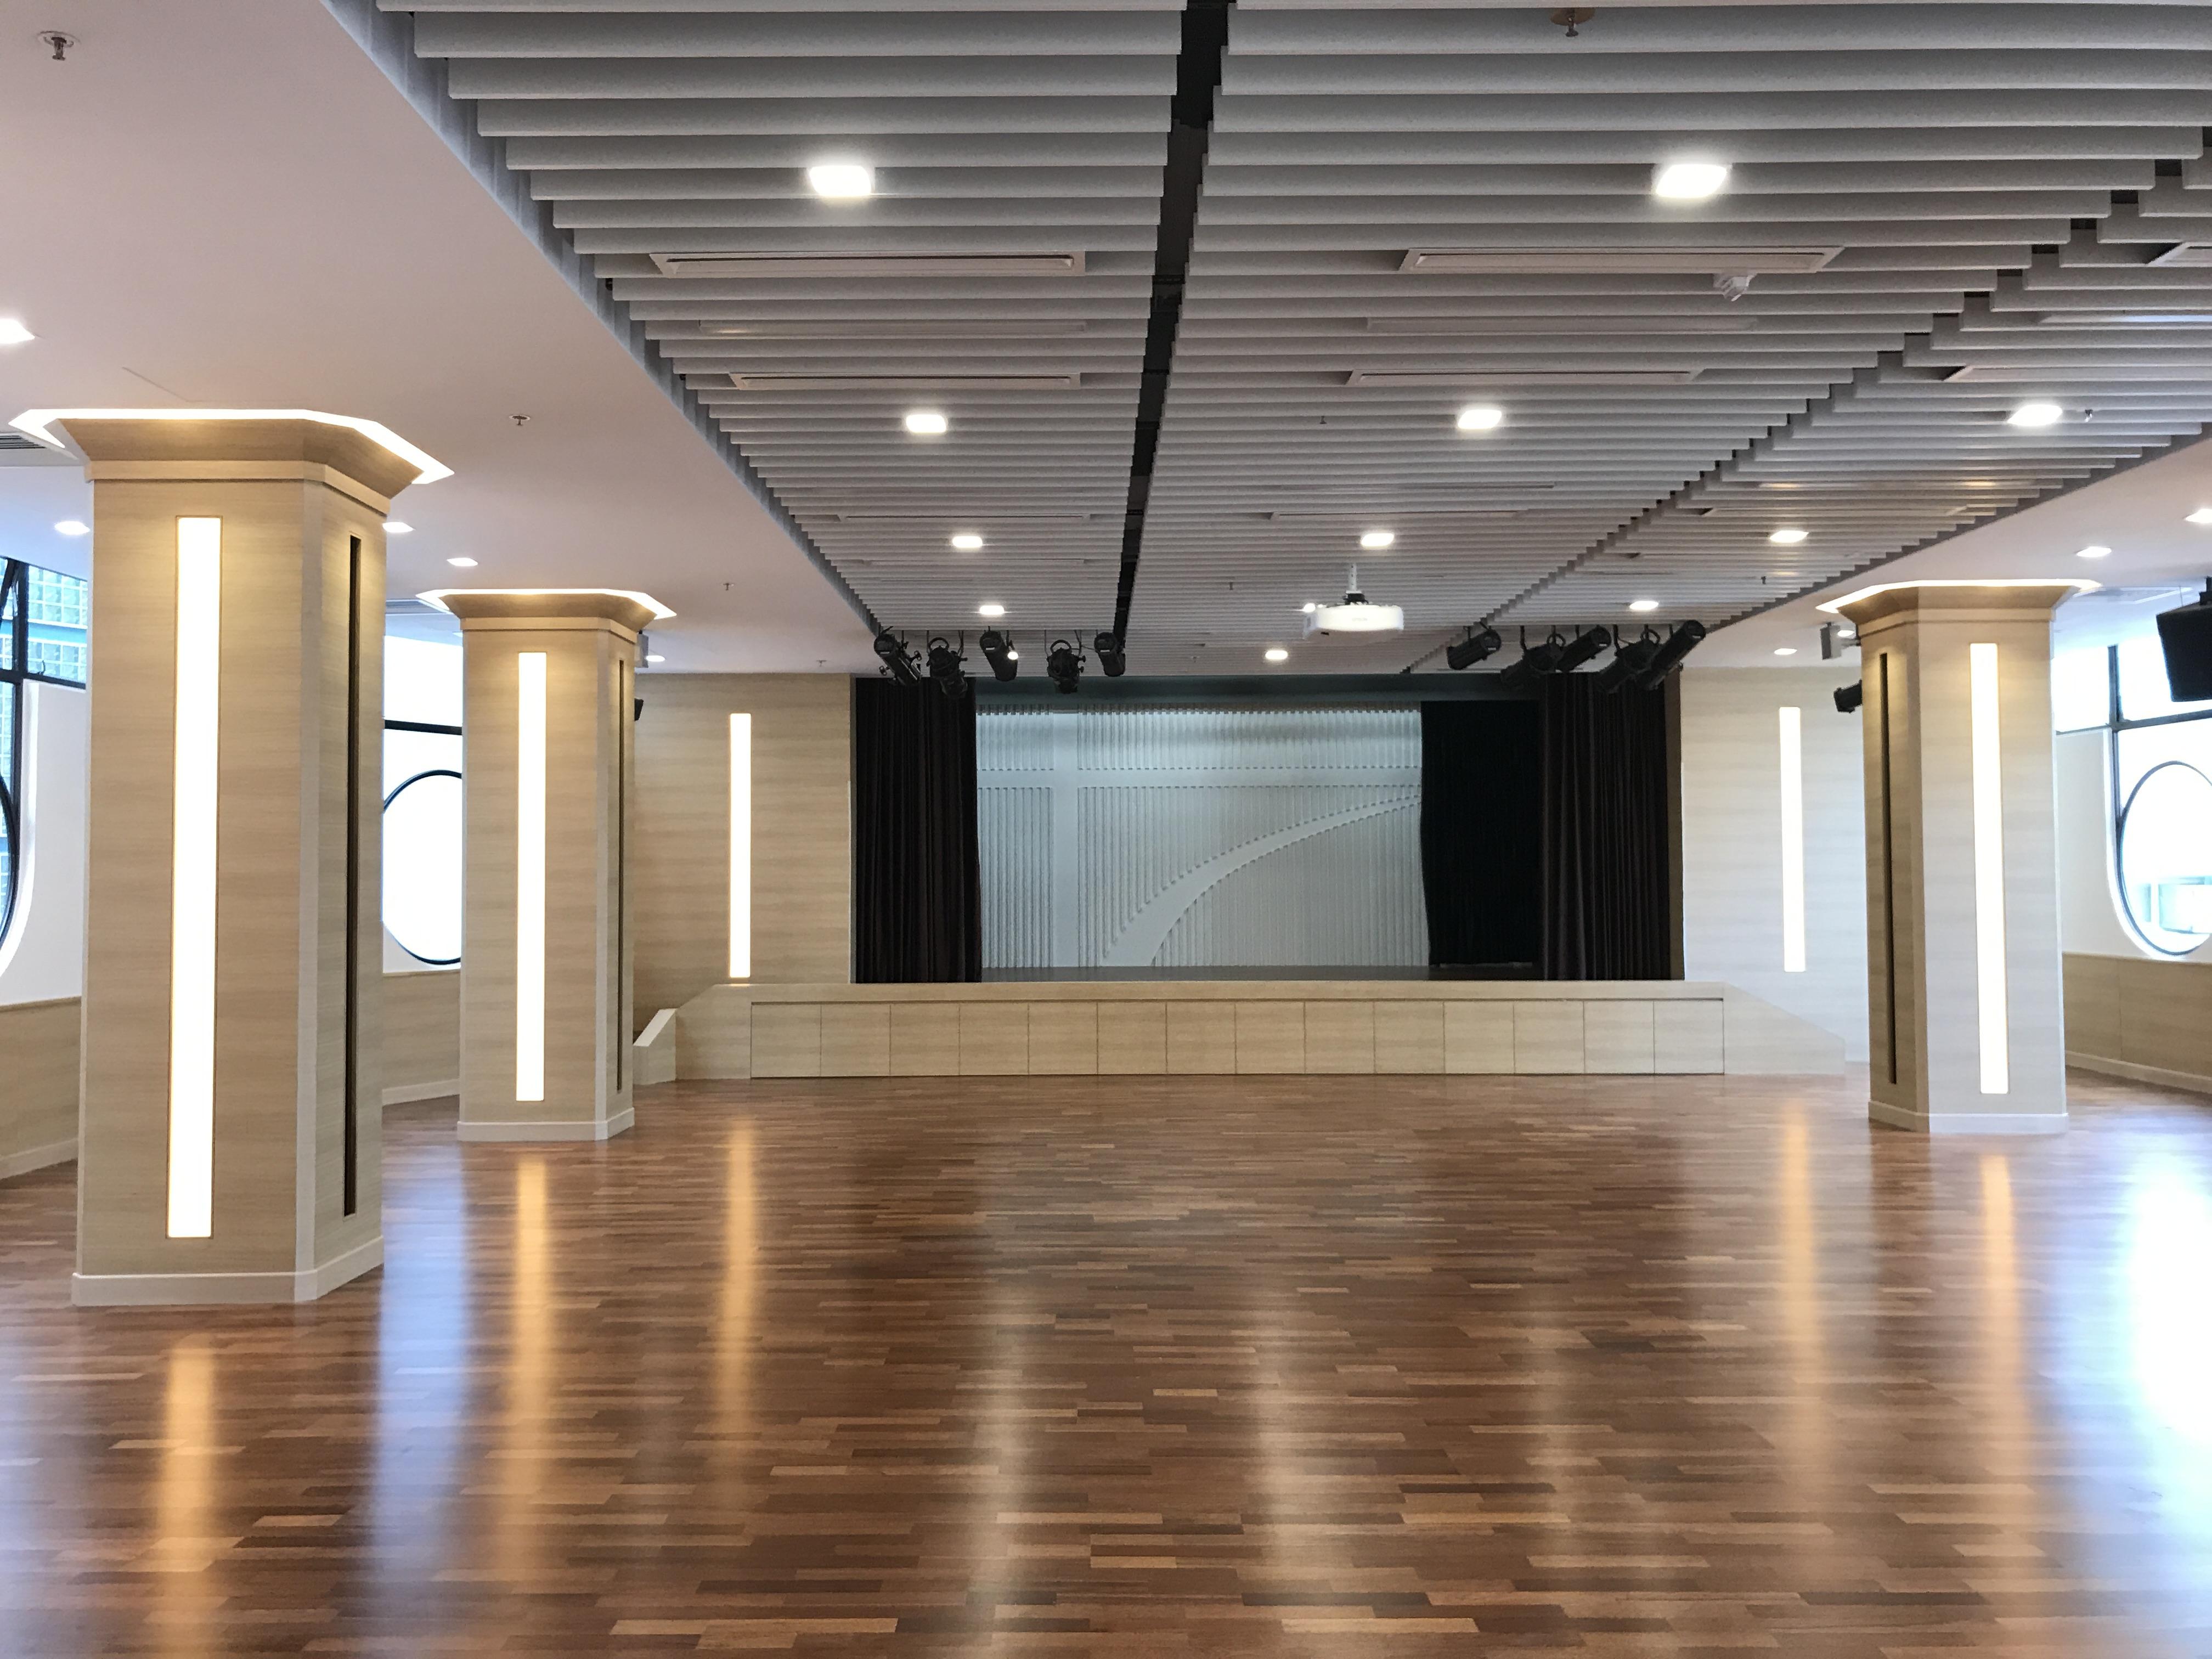 05 Hall